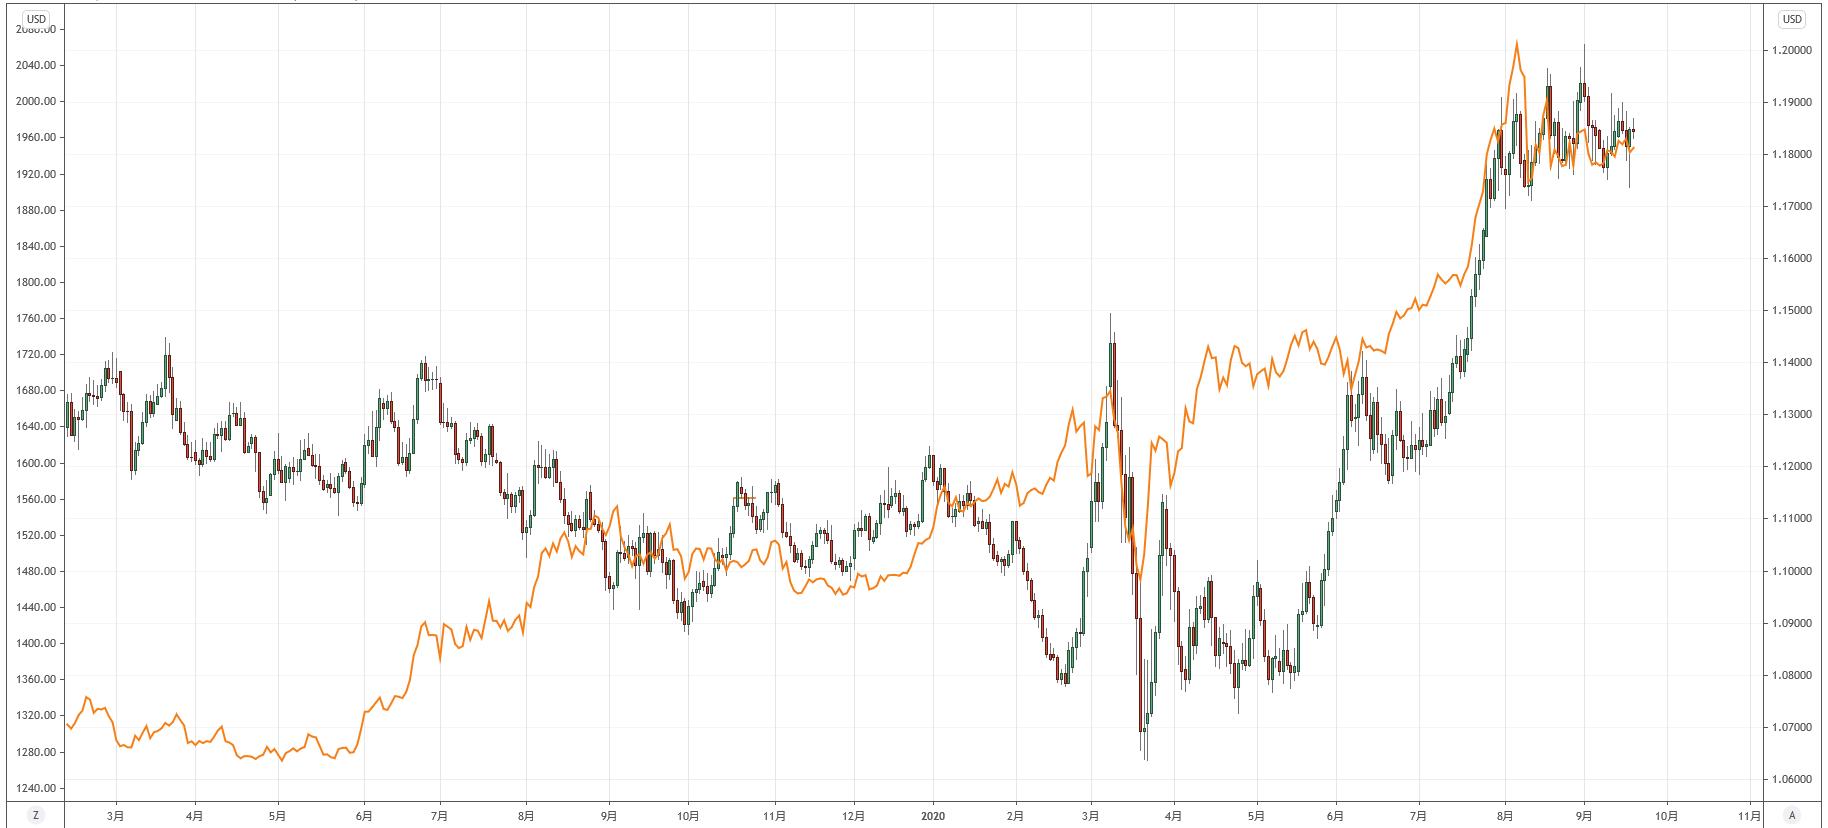 ゴールドとユーロドルの比較チャート